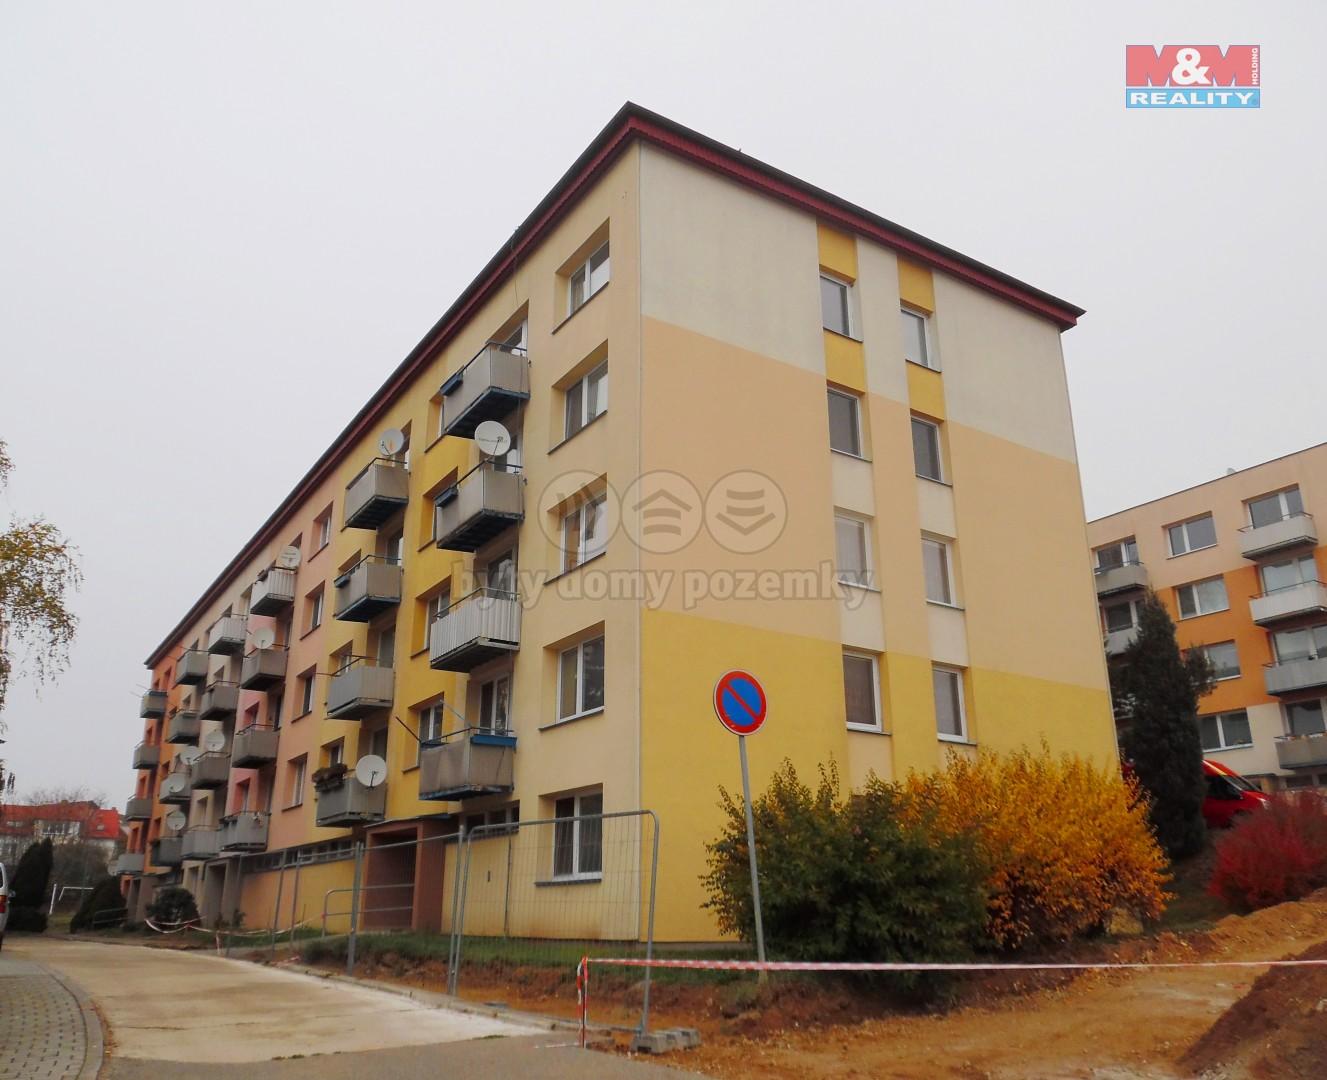 Prodej, byt 1+1, Dačice, ul. Máchova